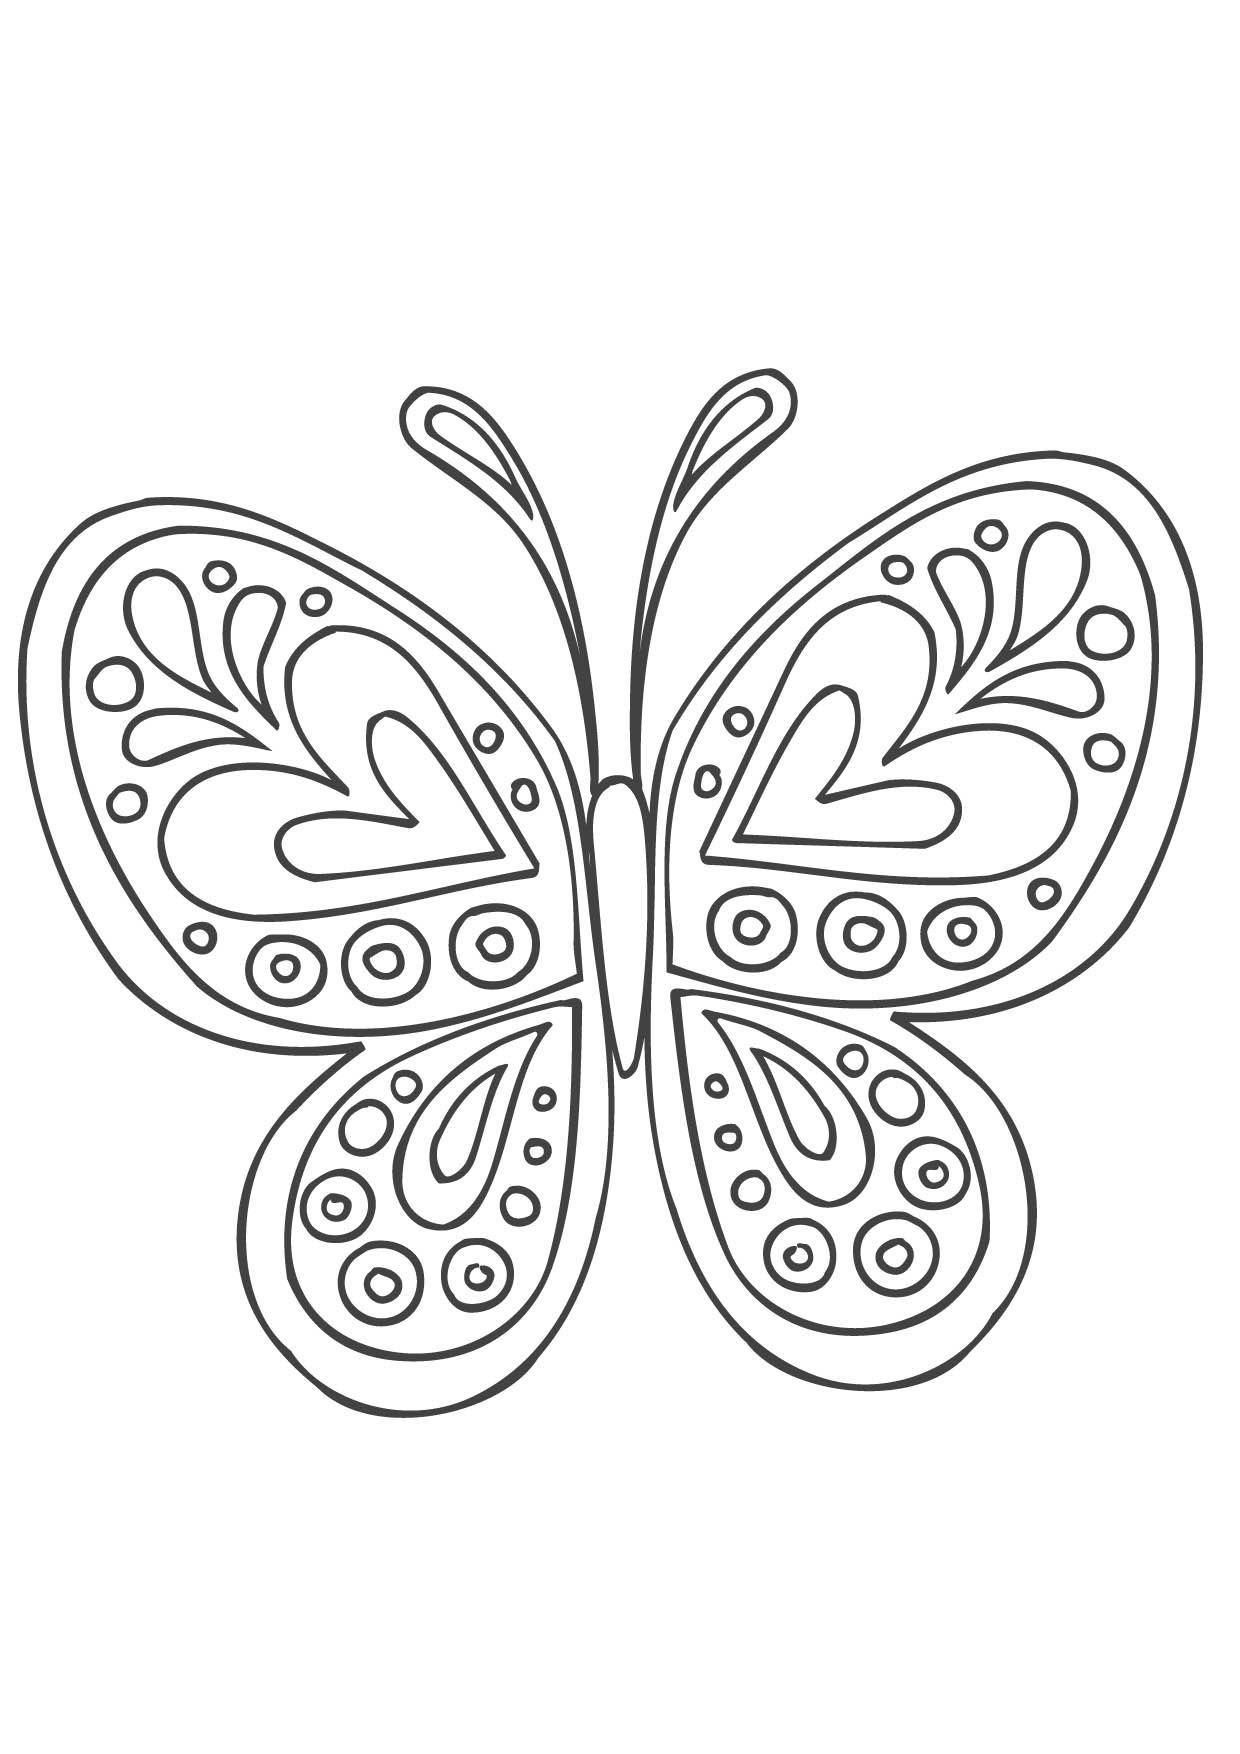 Coloriage Mandala Papillon Coloriage Mandalas Coloriages